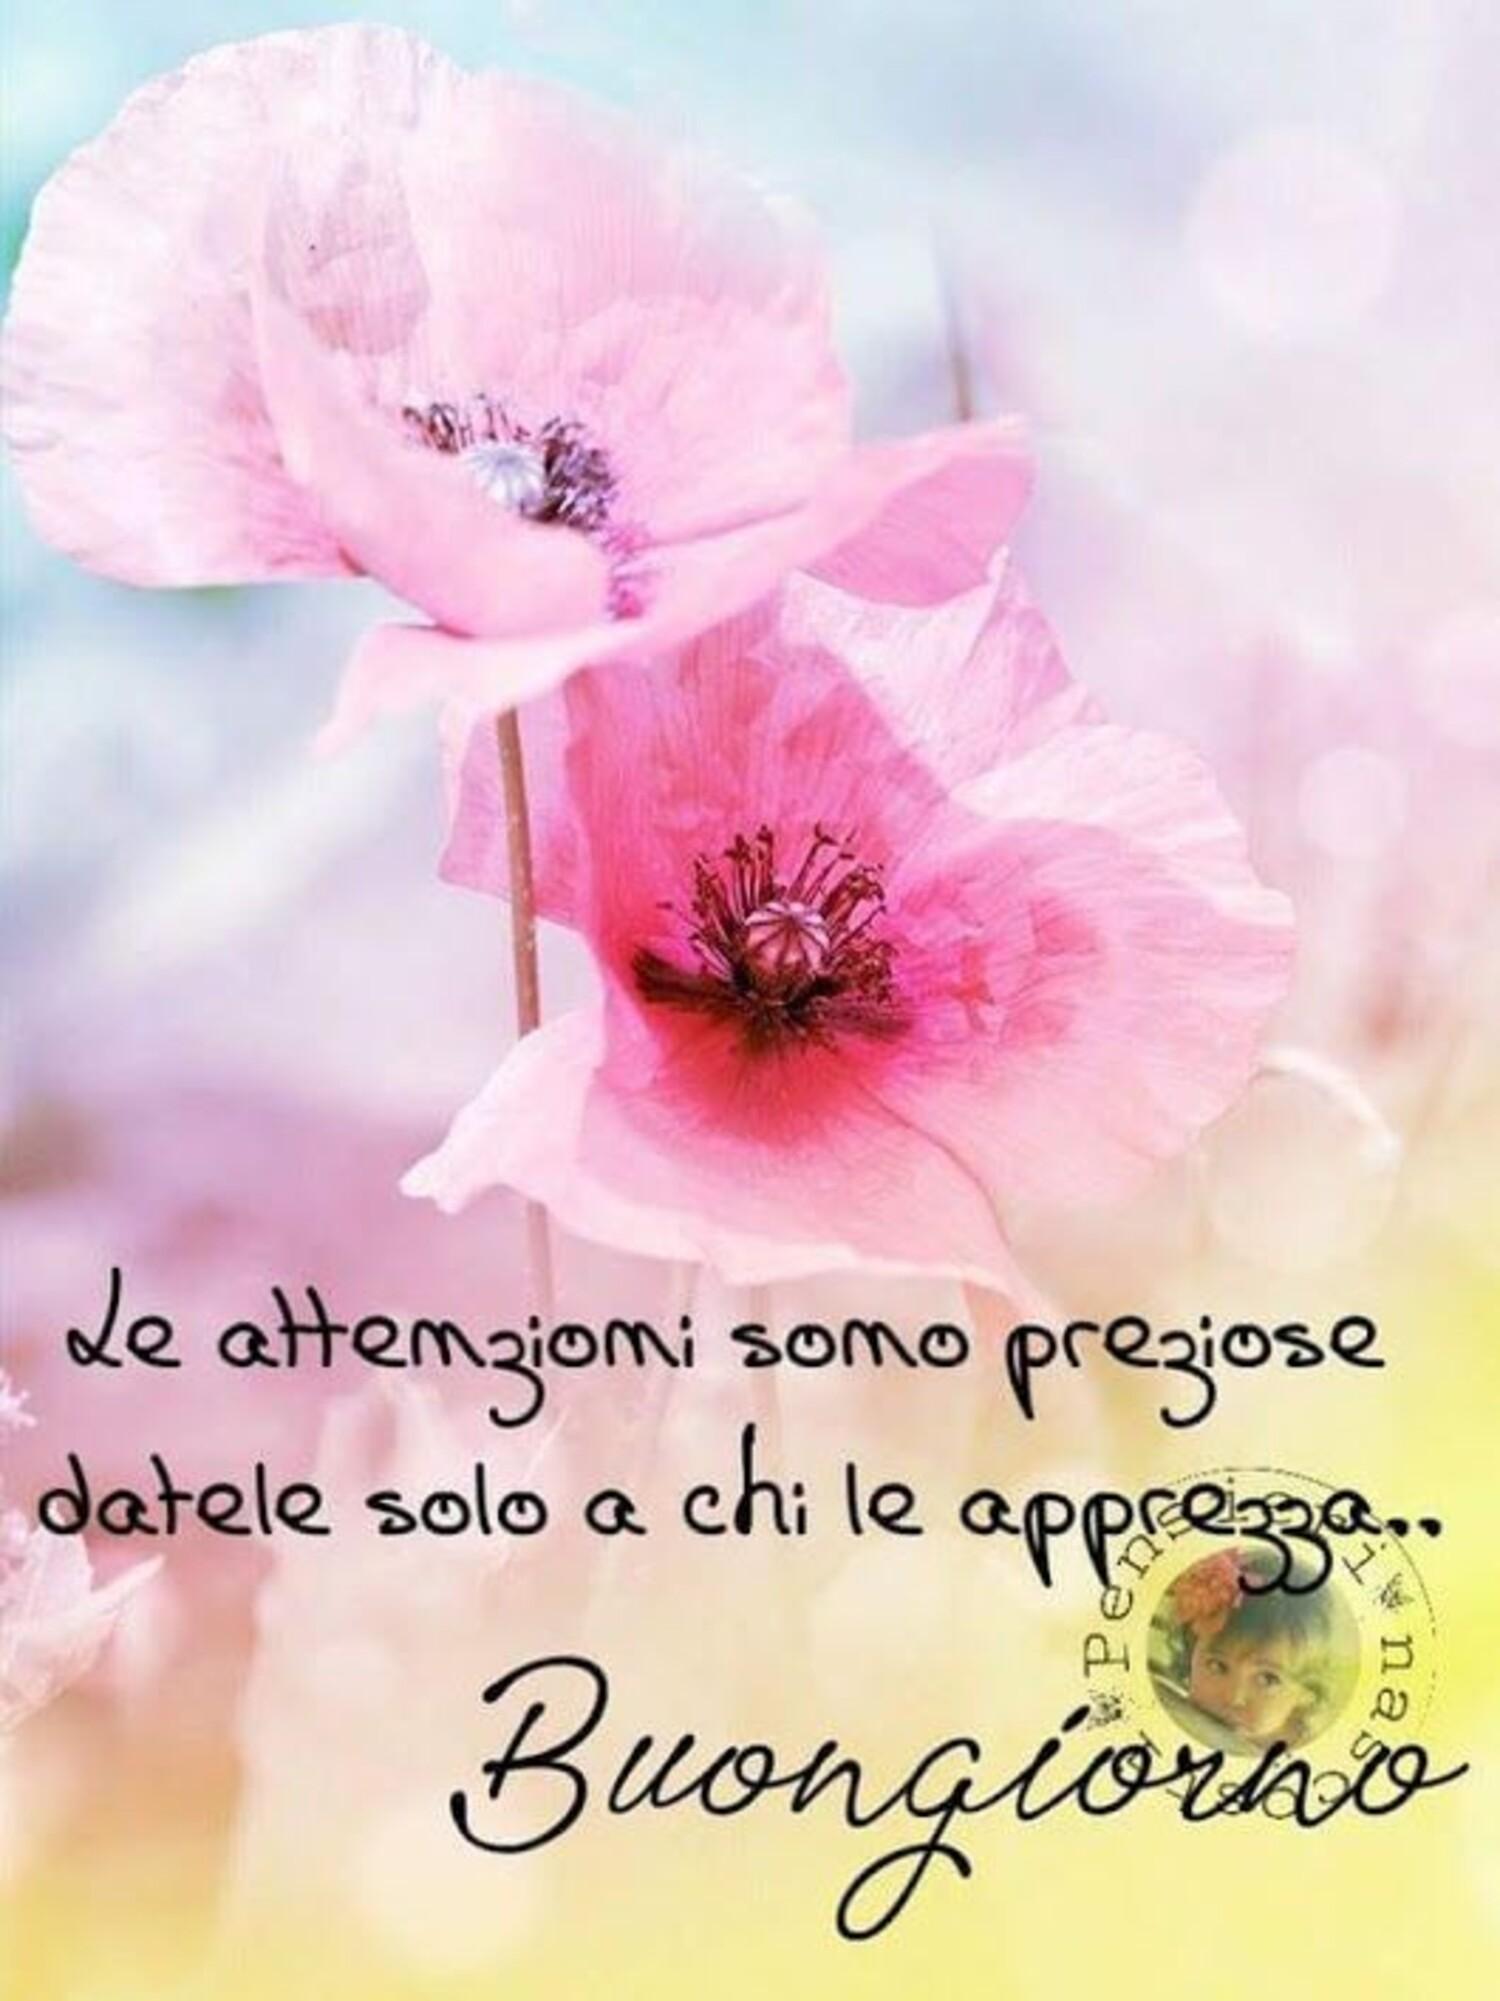 Le attenzioni sono preziose datele solo a chi le apprezza...buongiorno